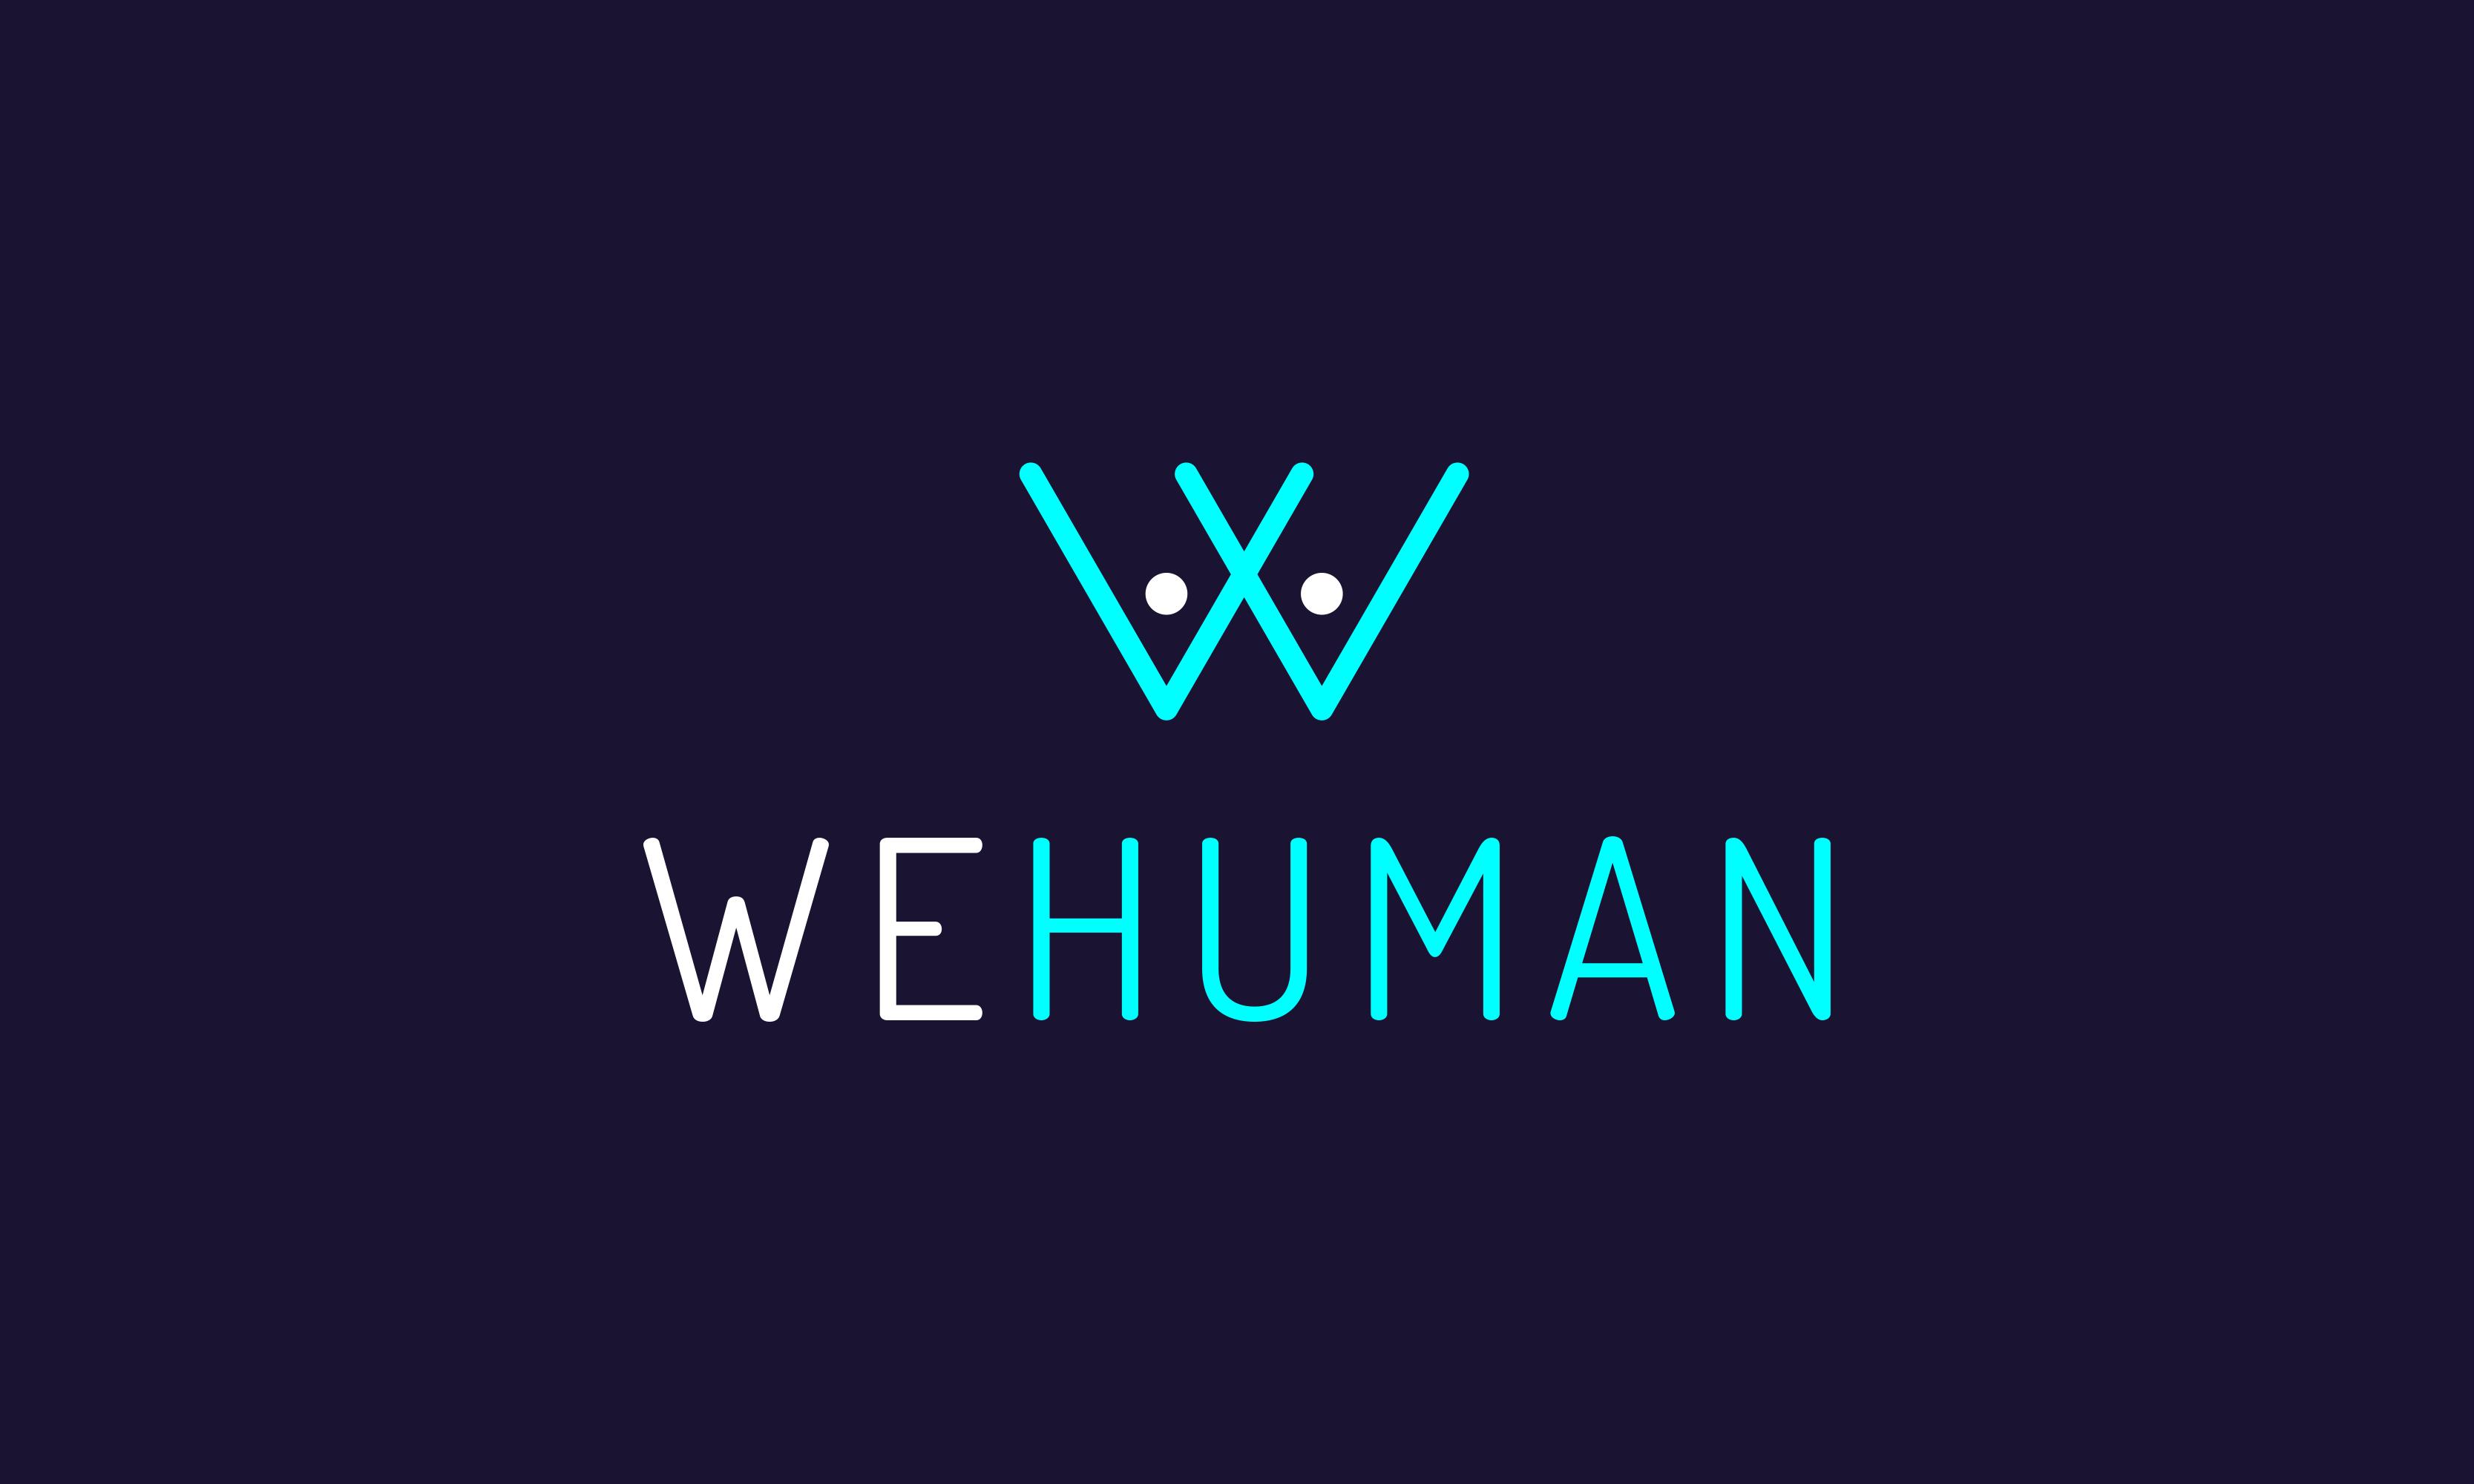 Wehuman